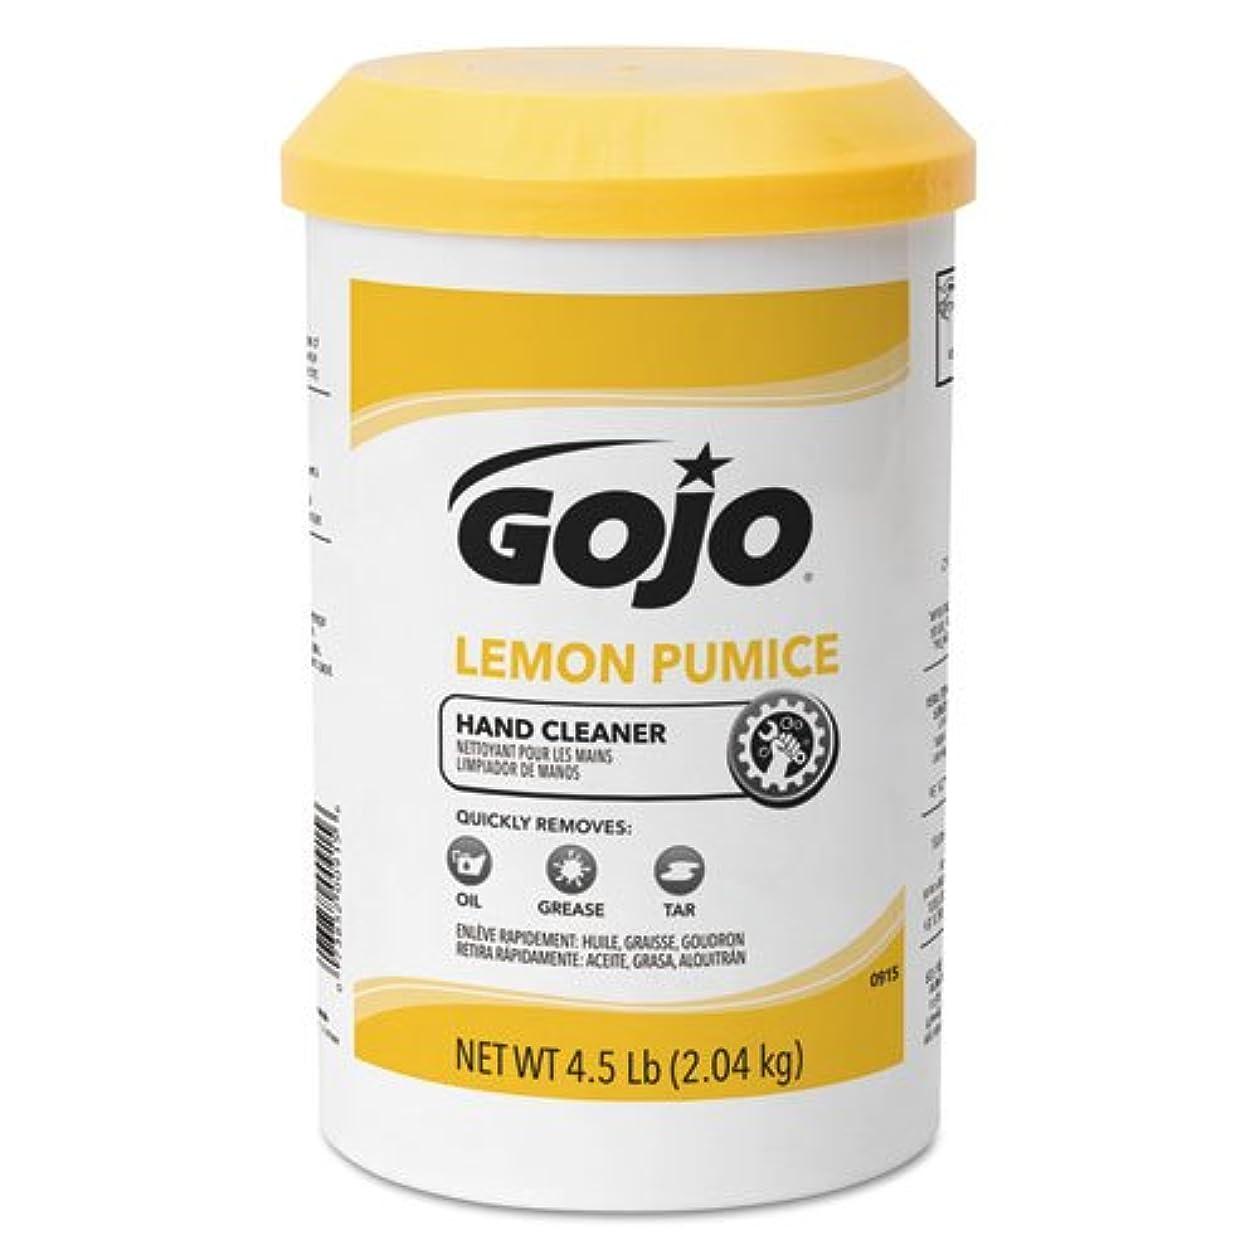 十分ではない廃止ひもGojo レモンプーミス ハンドクリーナー レモンの香り 4.5ポンド GOJ0915